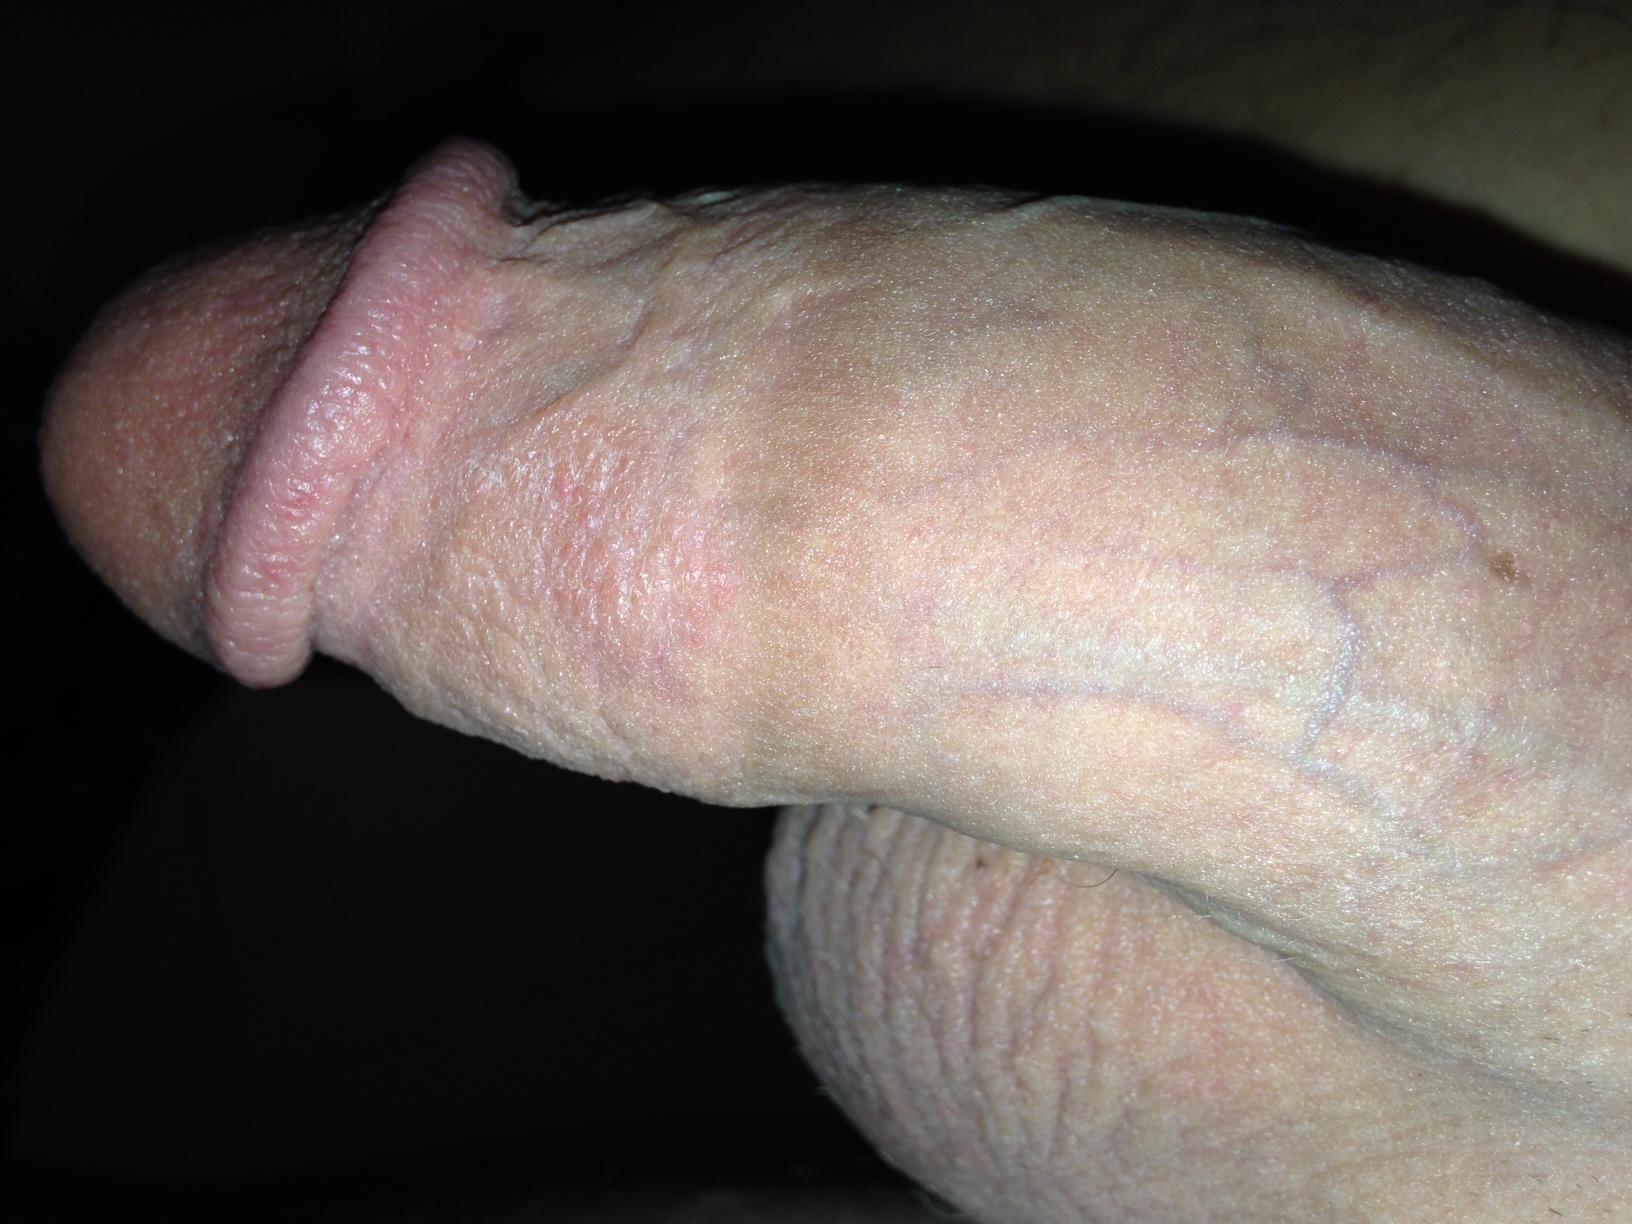 Rash on scrotum and penis